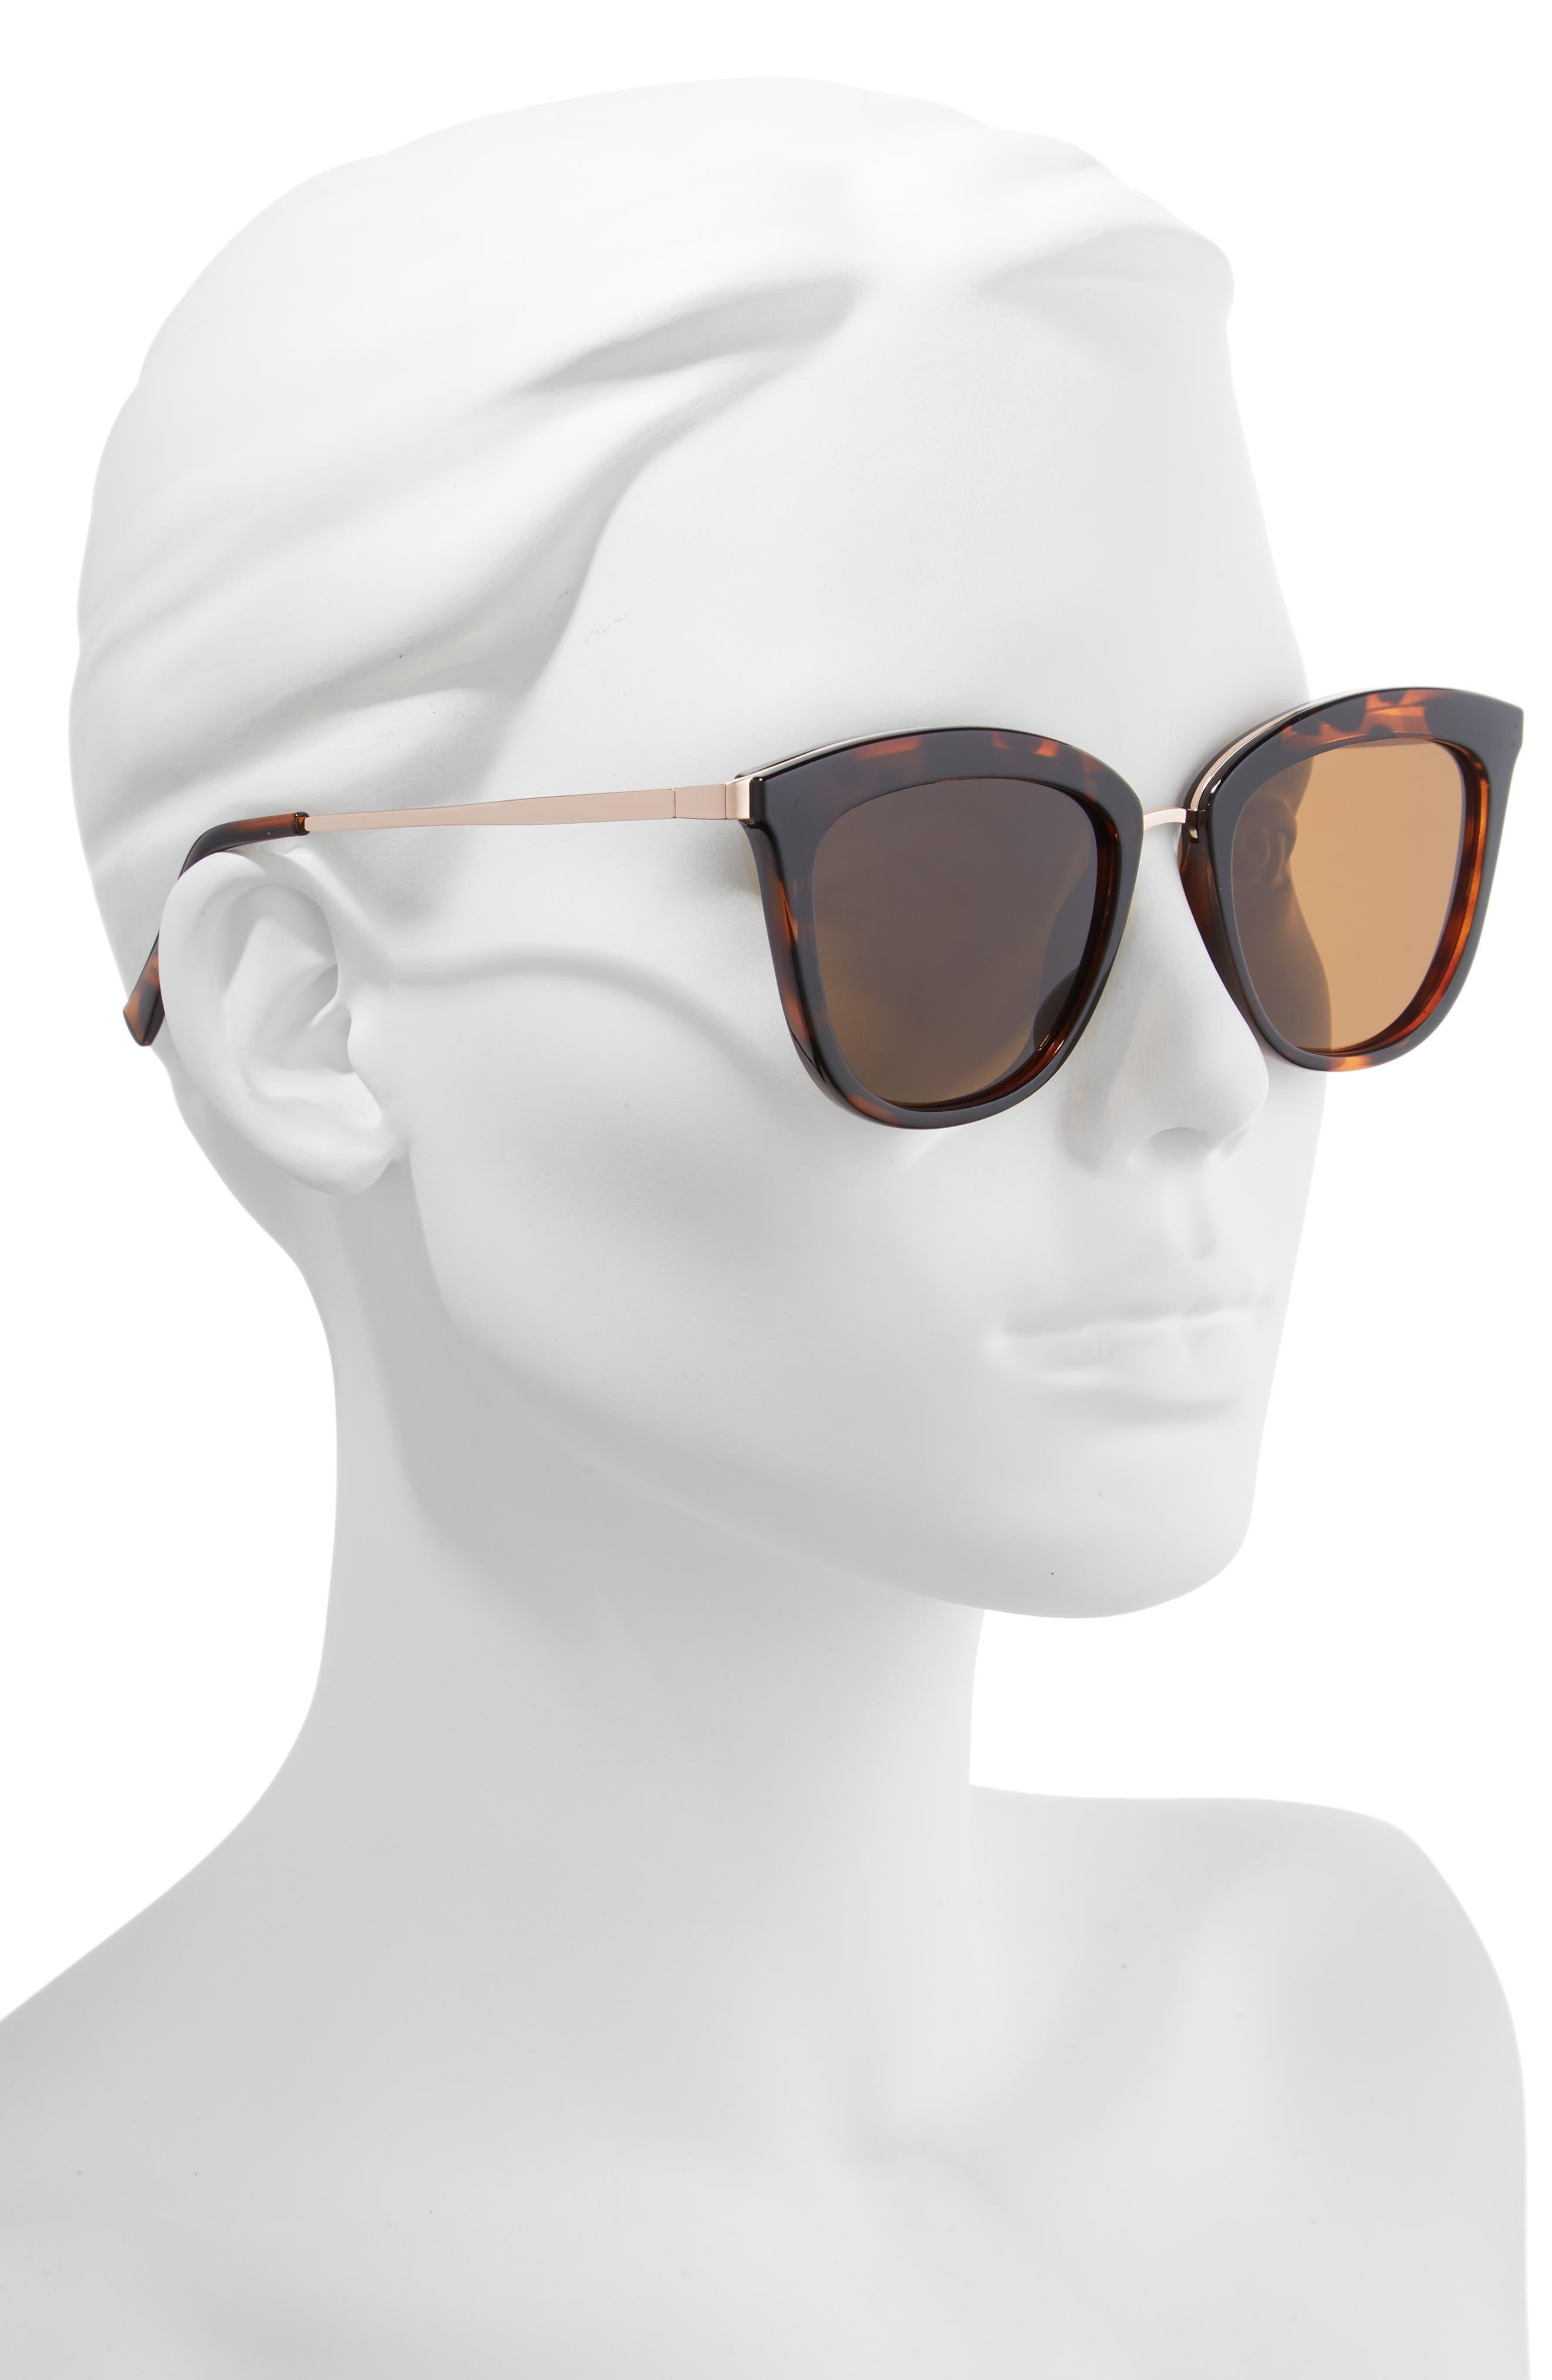 Caliente 53mm Polarized Cat Eye Sunglasses,                             Alternate thumbnail 2, color,                             TORTOISE / ROSE GOLD